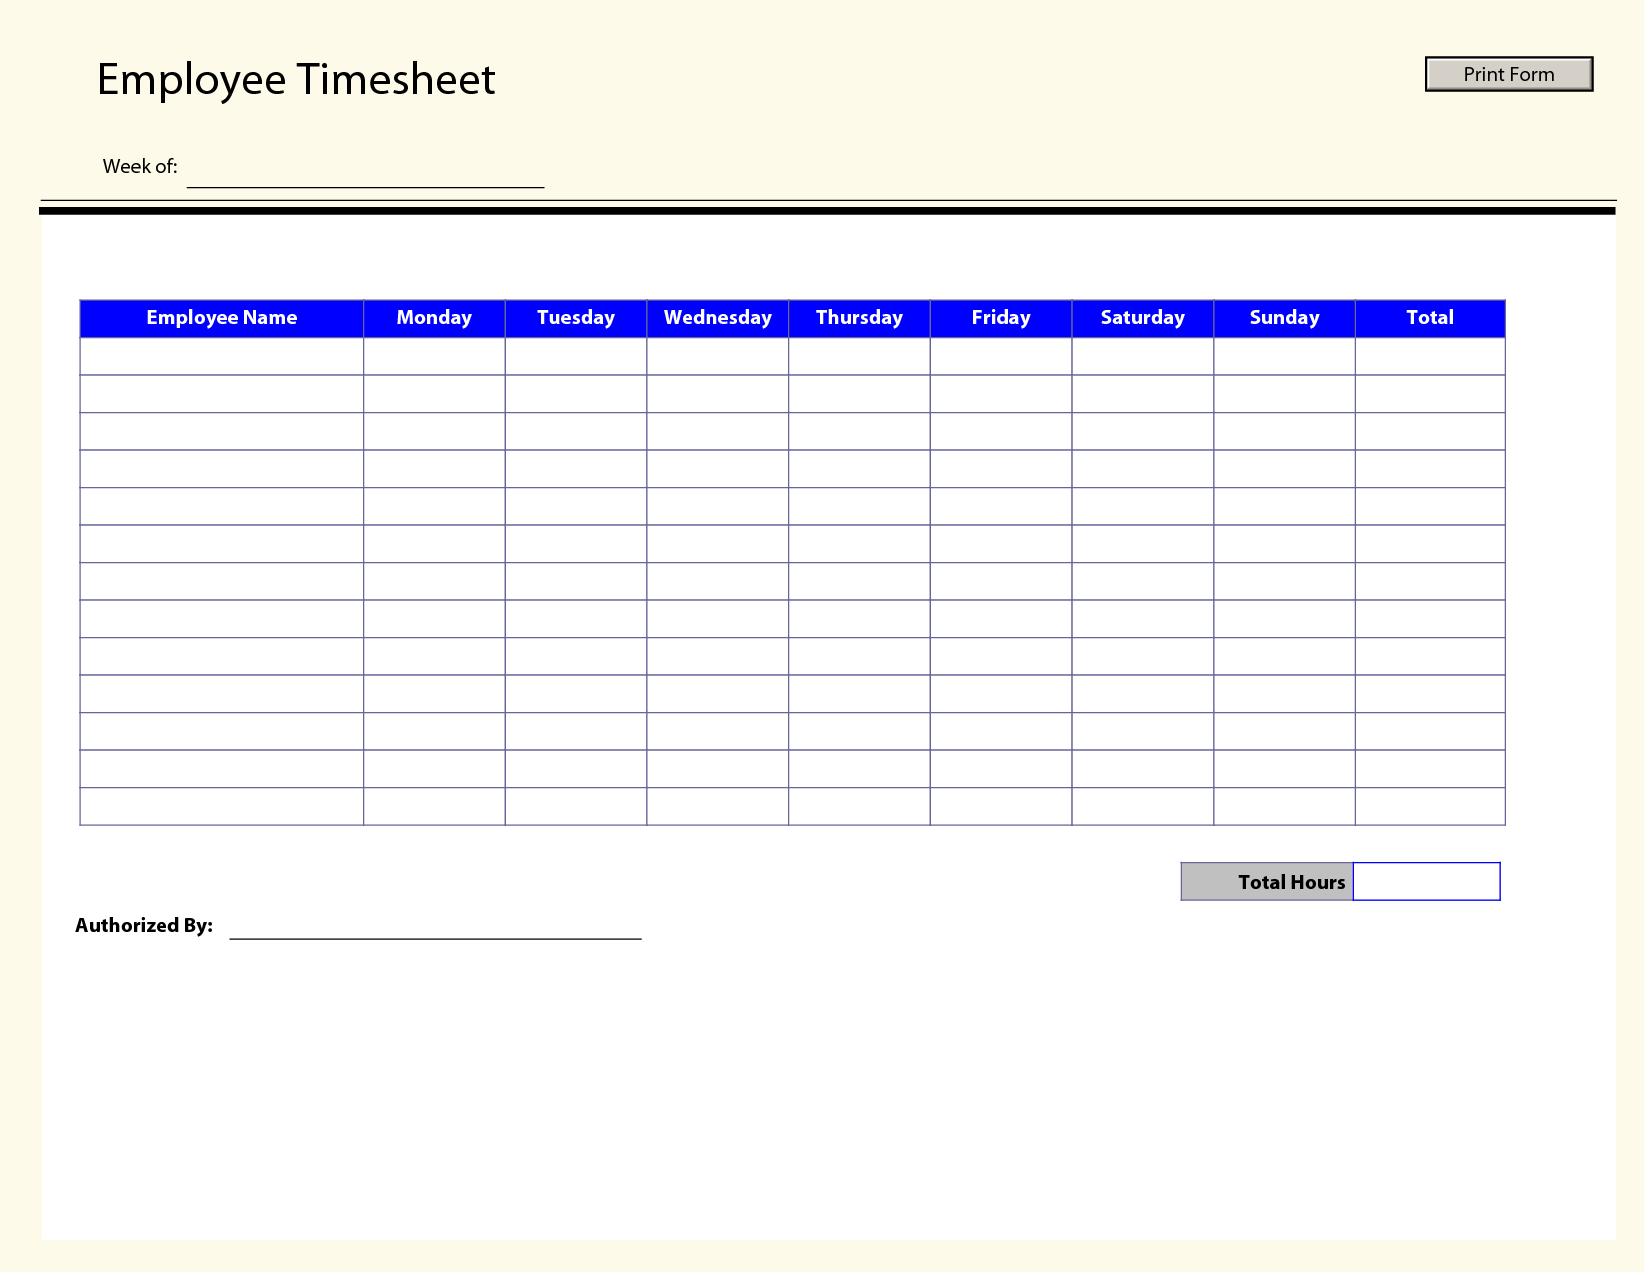 Printable Time Sheets   Free Printable Employee Timesheets Employee - Free Printable Time Sheets Forms